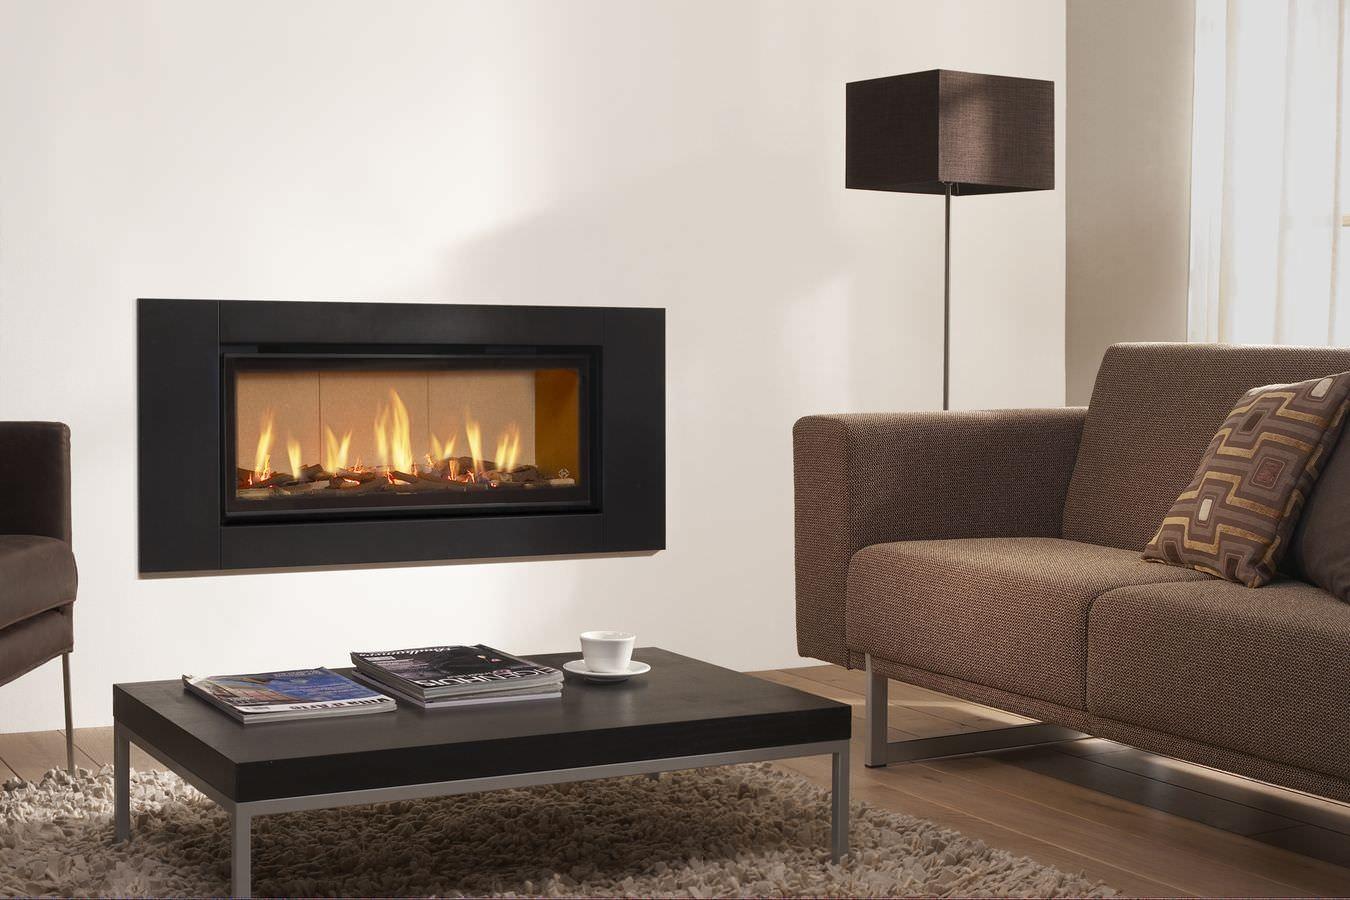 Aquastil chimeneas y calefacci n de biomasa pellets - Adaptar chimenea para calefaccion ...